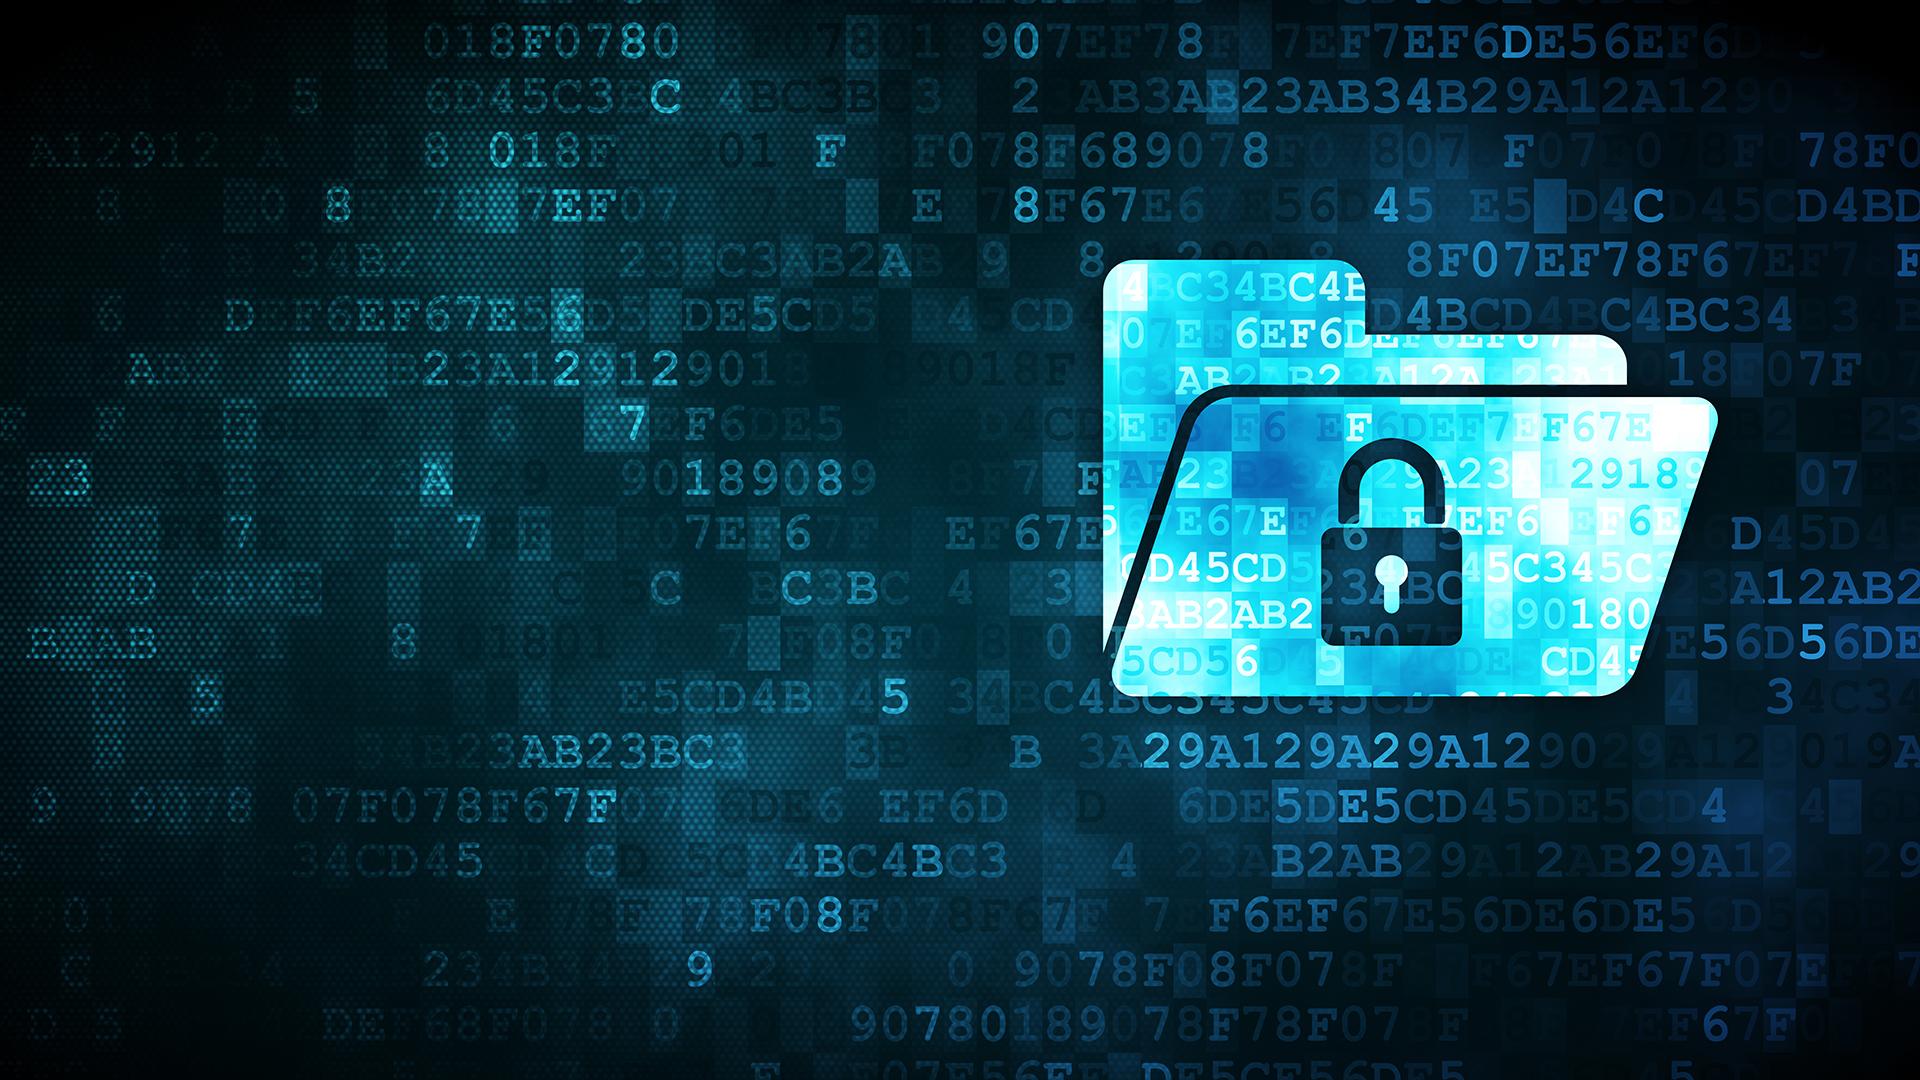 Secured digital folder